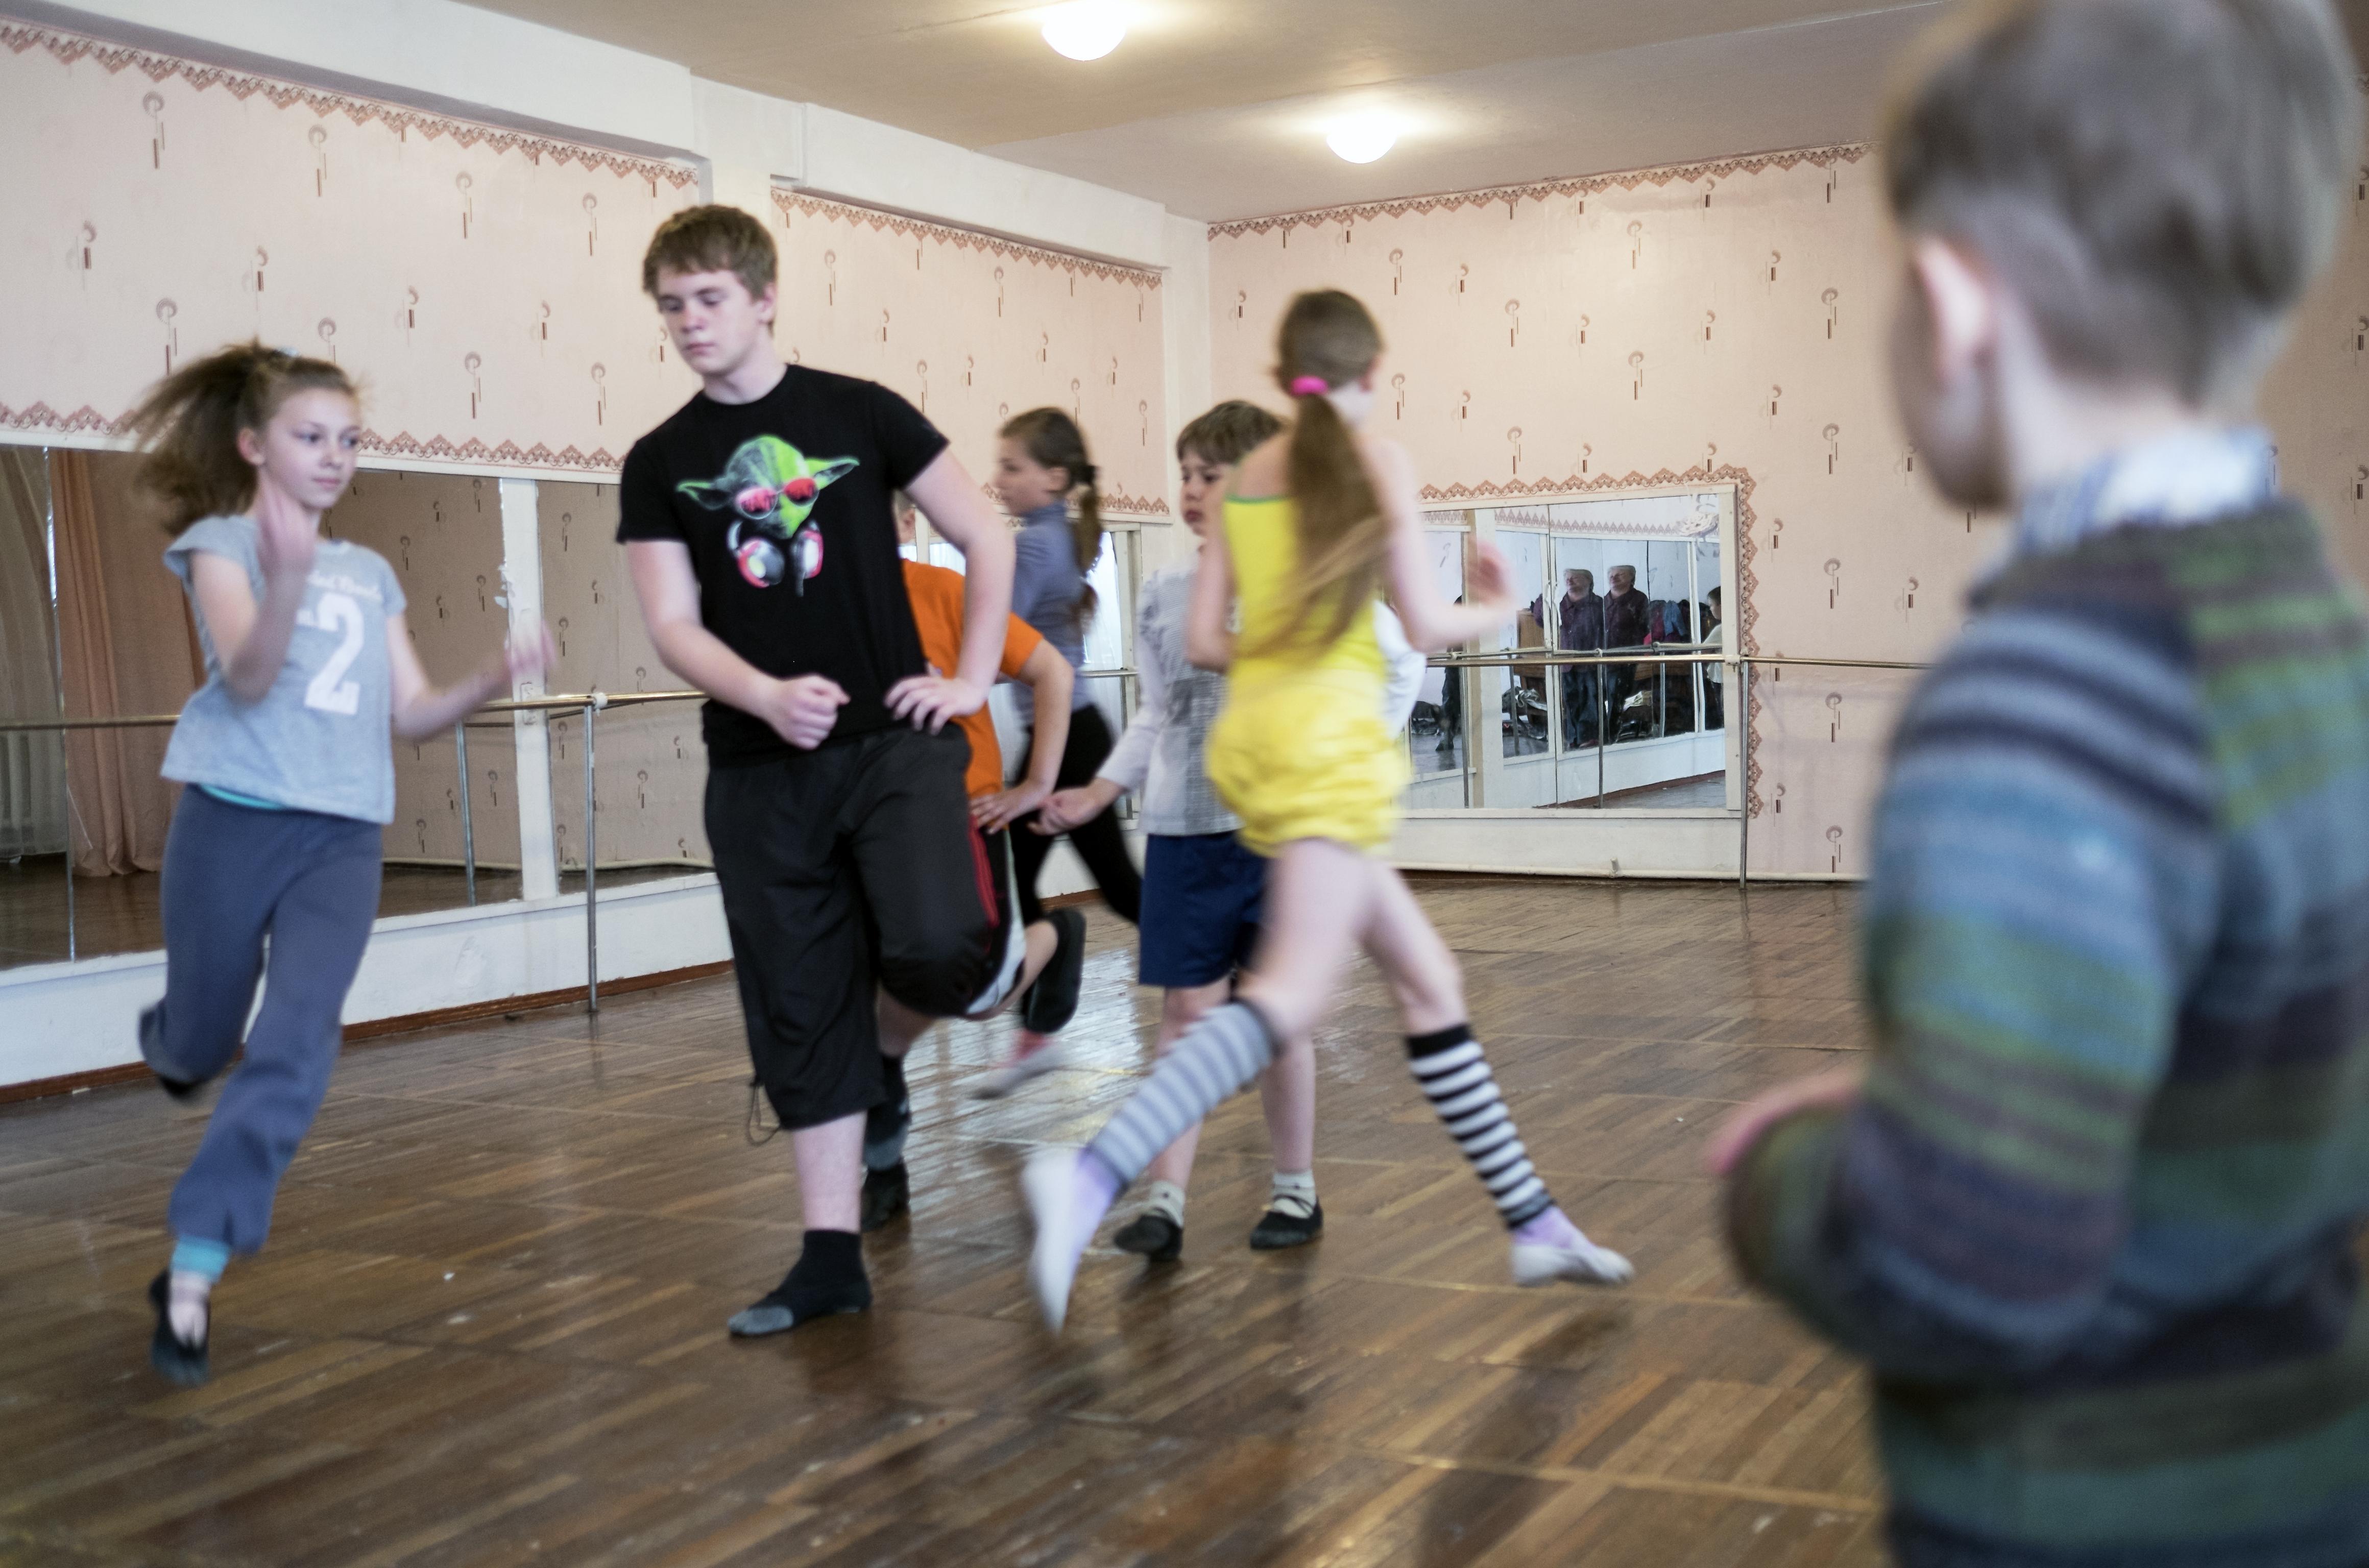 Zajęcia z baletu w jednej z donieckich szkół, kwiecień 2015/fot. Michał Zieliński